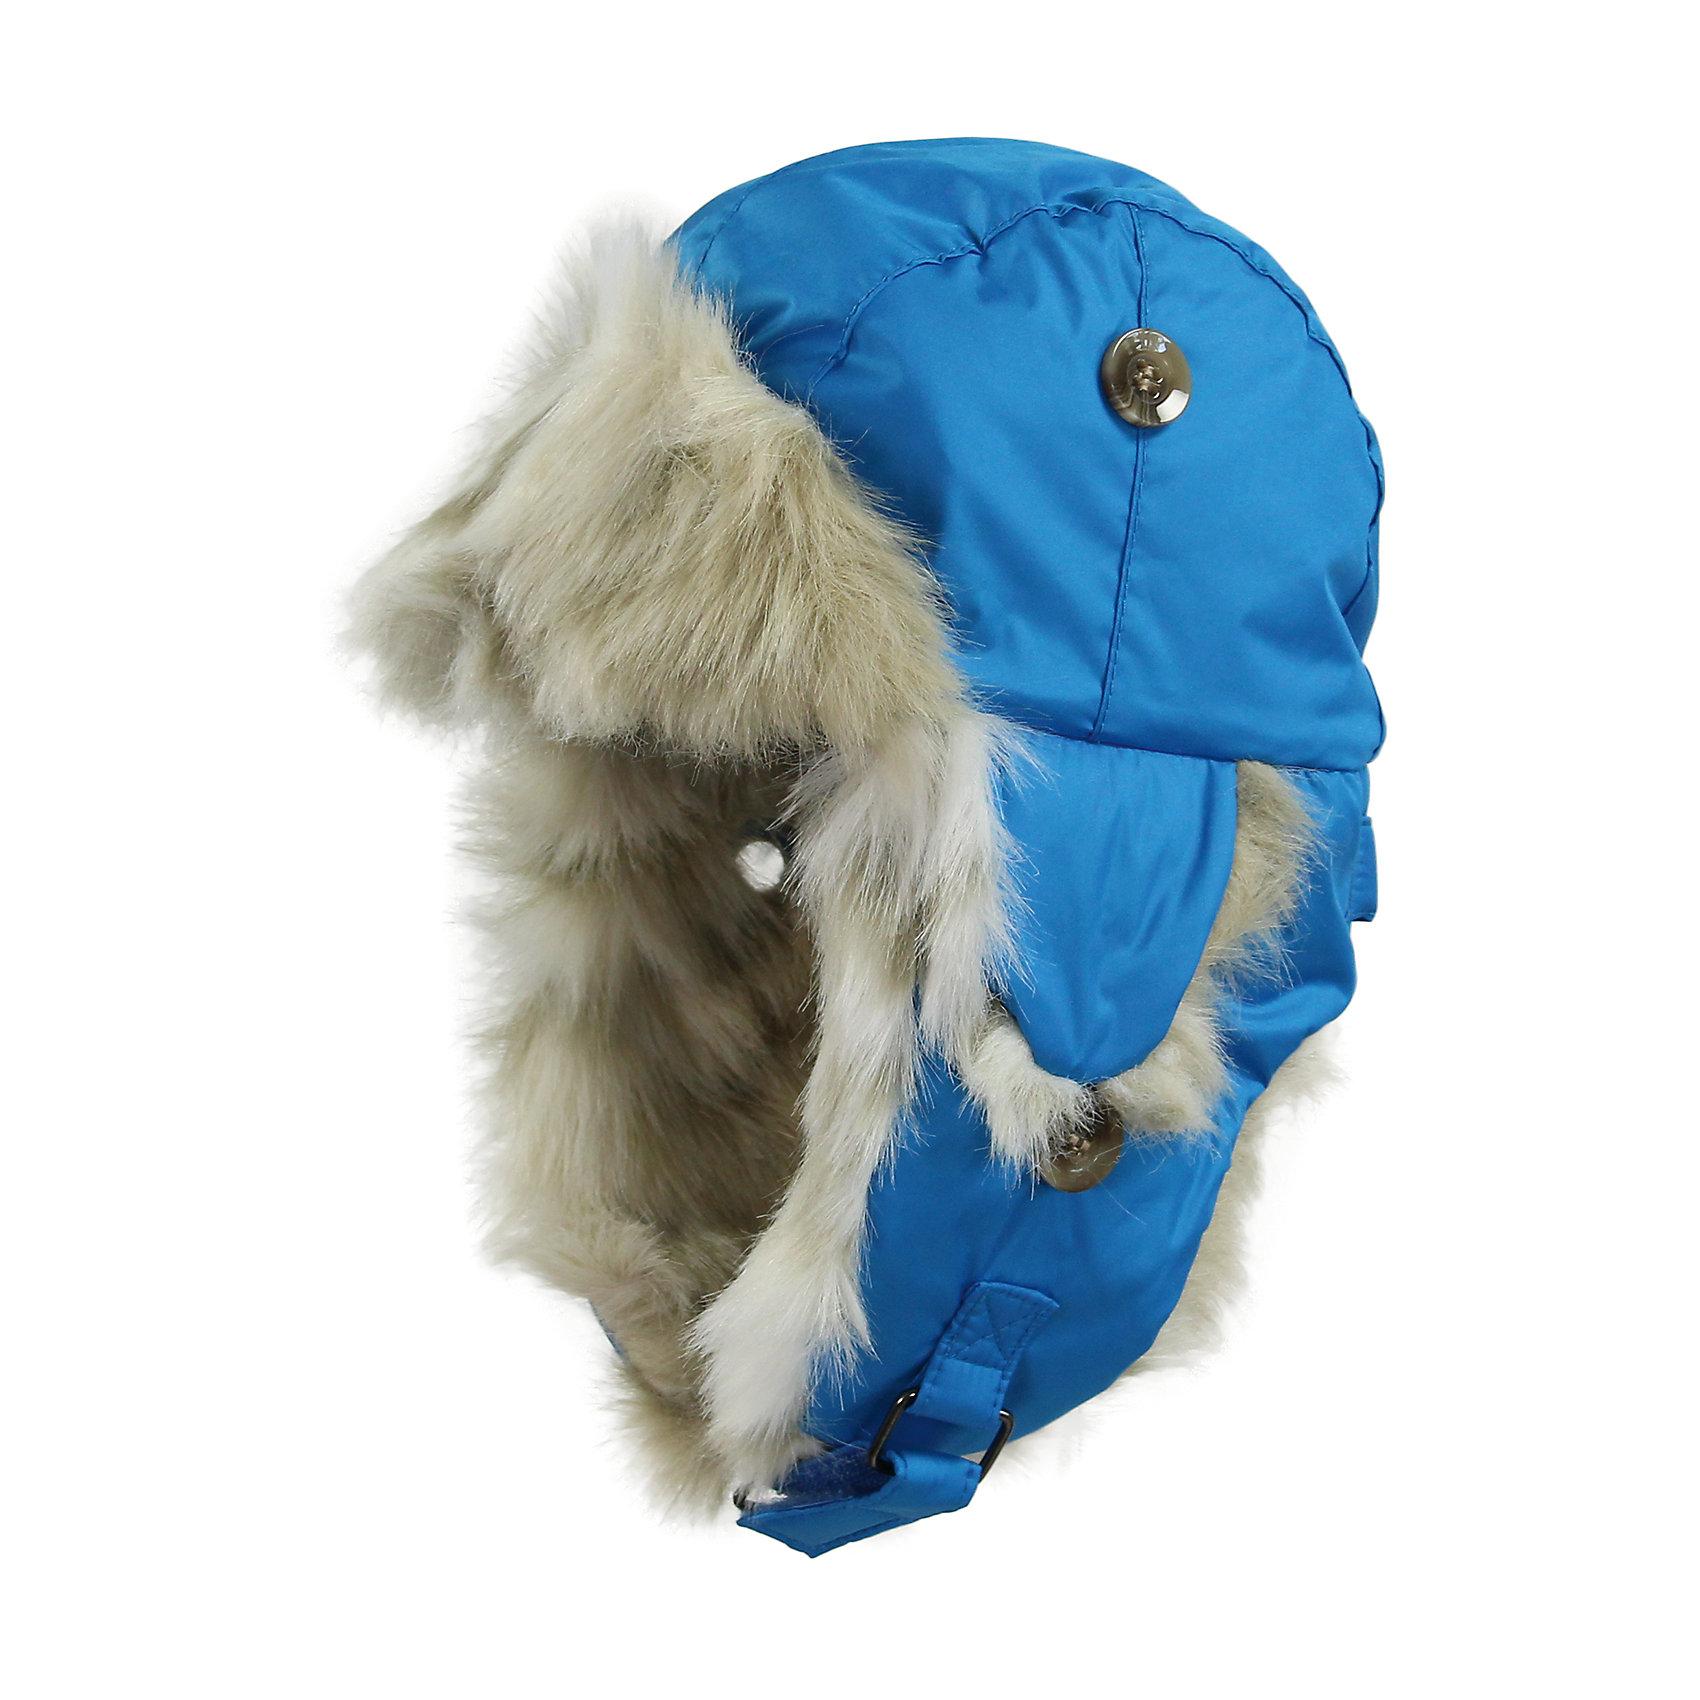 Шапка для мальчика HuppaЗимняя шапка ярких цветов с легким ватином для малышей. У шапки подкладка из искусственного меха (80% акрила, 20% полиэстера) и дышащая - водоотталкивающая мягкая ткань из полиэстера. Для удобства ношения у шапки регулируемая верхняя часть и закрепляющиеся липучкой под подбородком клапаны. Клапаны шапки можно закрепить на макушке, приспосабливая для себя. <br><br>Шапку для мальчика Huppa (Хуппа) можно купить в нашем магазине.<br><br>Ширина мм: 89<br>Глубина мм: 117<br>Высота мм: 44<br>Вес г: 155<br>Цвет: голубой<br>Возраст от месяцев: 9<br>Возраст до месяцев: 12<br>Пол: Мужской<br>Возраст: Детский<br>Размер: 43-45,51-53,47-49,39-43<br>SKU: 4243115